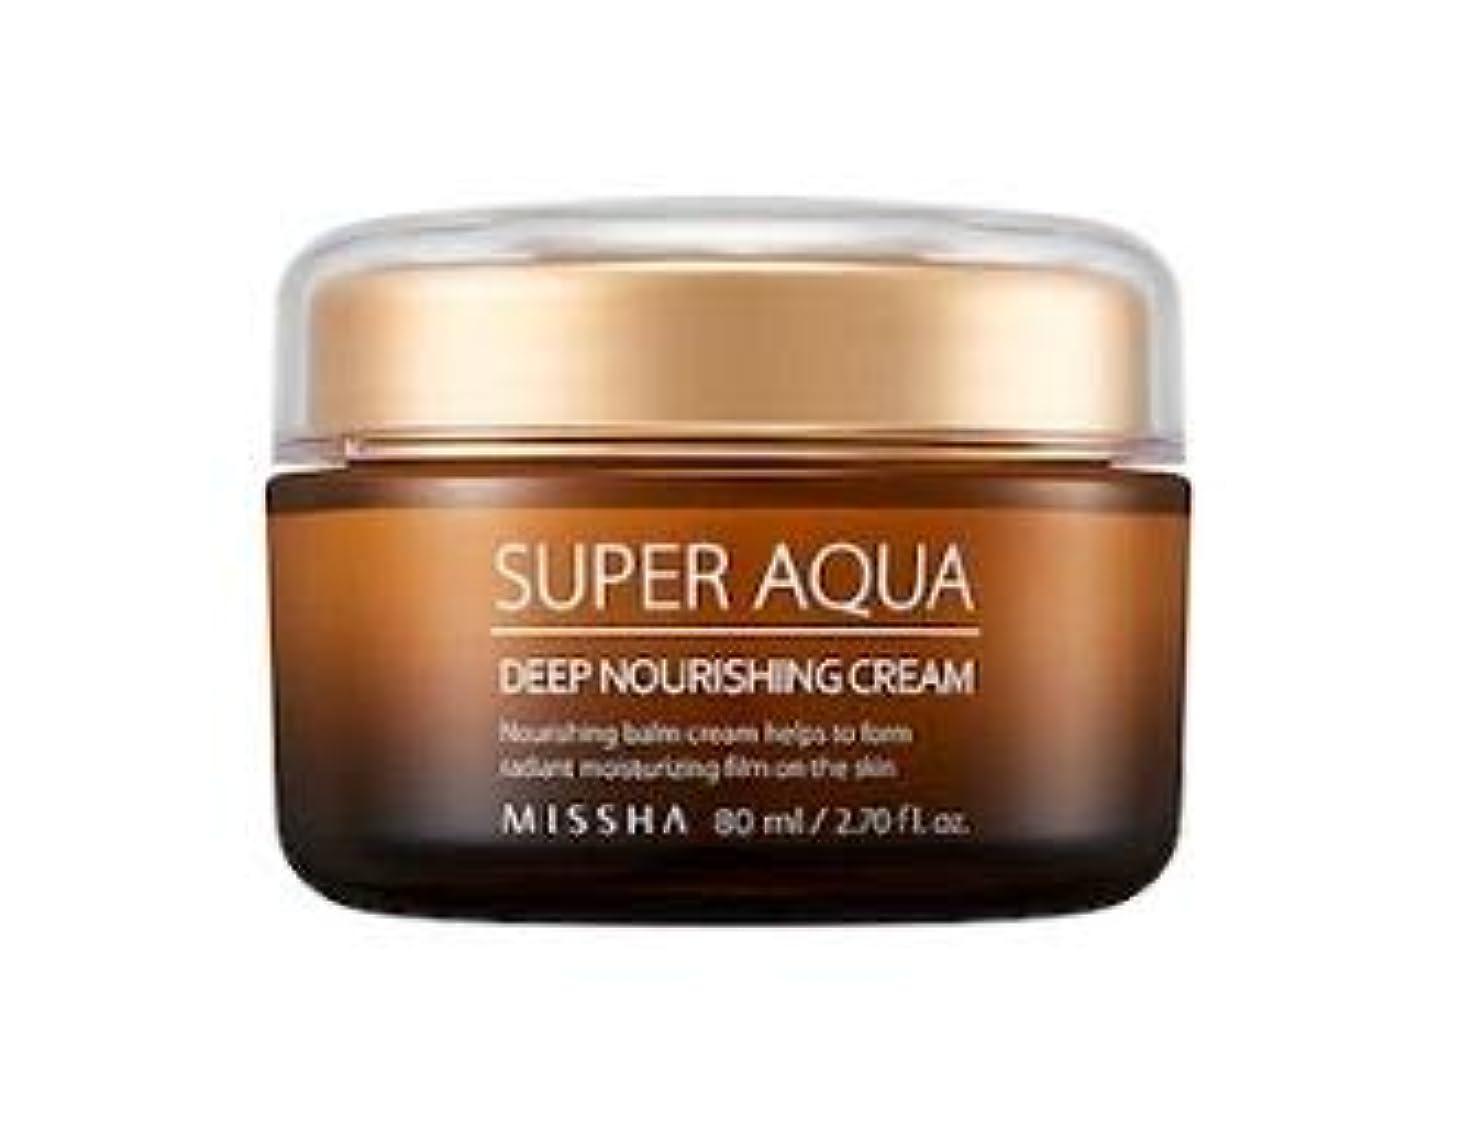 年金受給者子孫広いMISSHA Super Aqua Ultra Water Full Deep Nourishing Cream ミシャ スーパーアクアウルトラウォーターフルディープナリシングクリーム [並行輸入品]